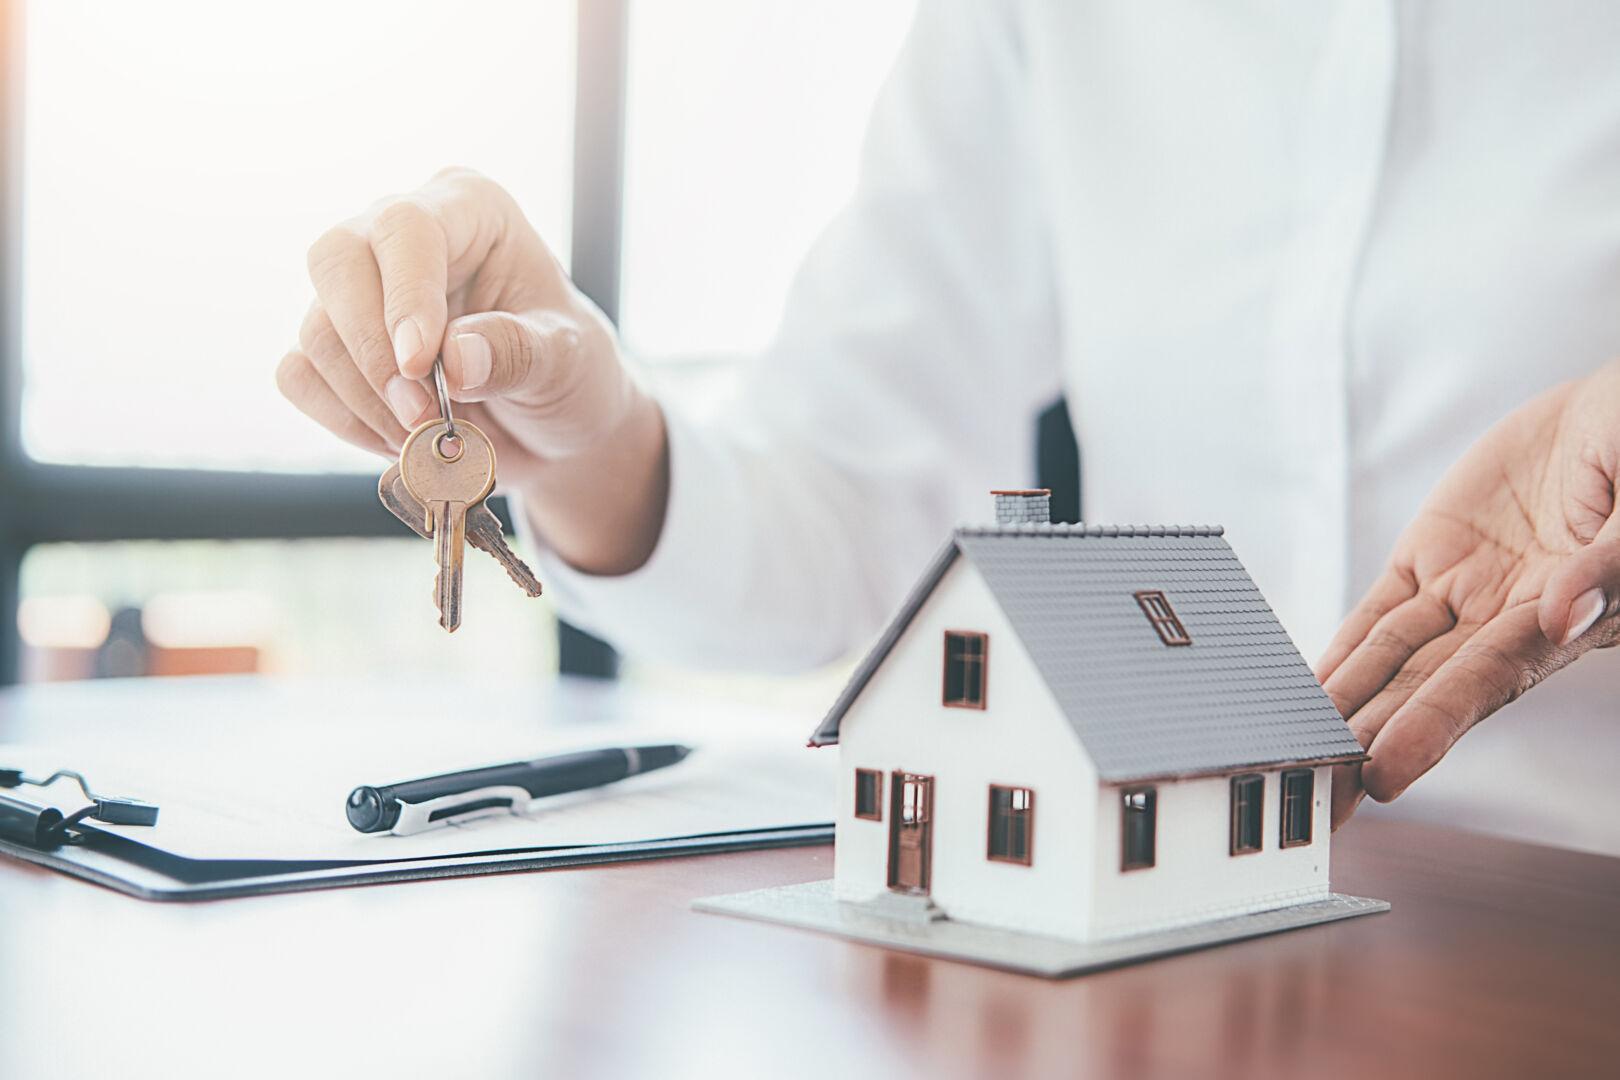 «Une offre au prix sur le mandat d'un agent immobilier ne vaut pas (toujours) vente!»,  Quentin Lagallarde